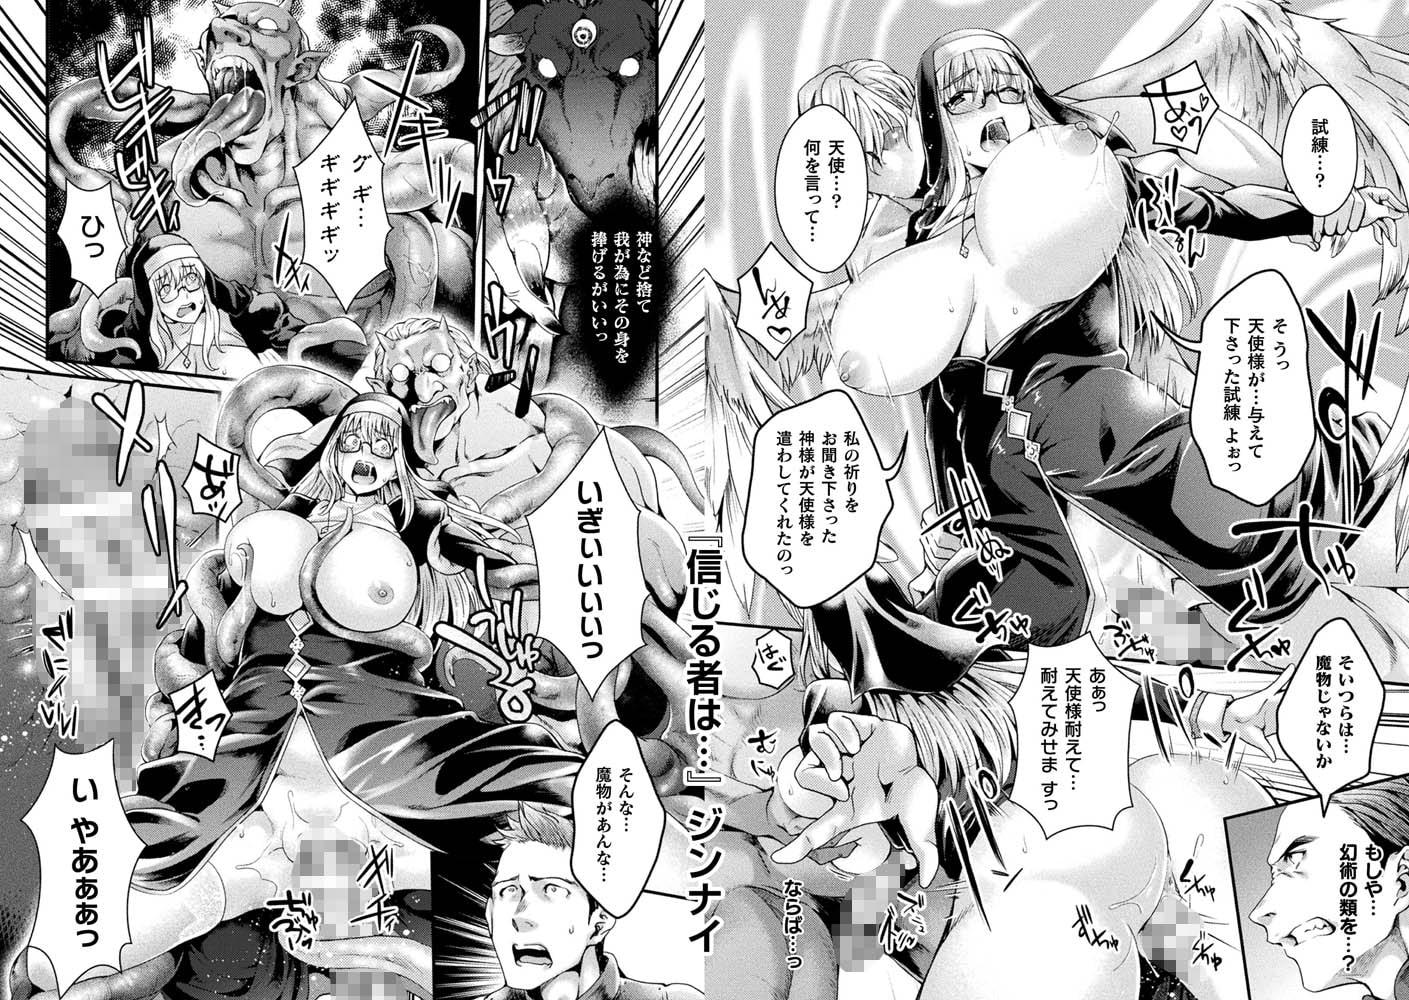 二次元コミックマガジン 肉鎧になった女たちVol.1 (キルタイムコミュニケーション) DLsite提供:成年コミック – 雑誌・アンソロ